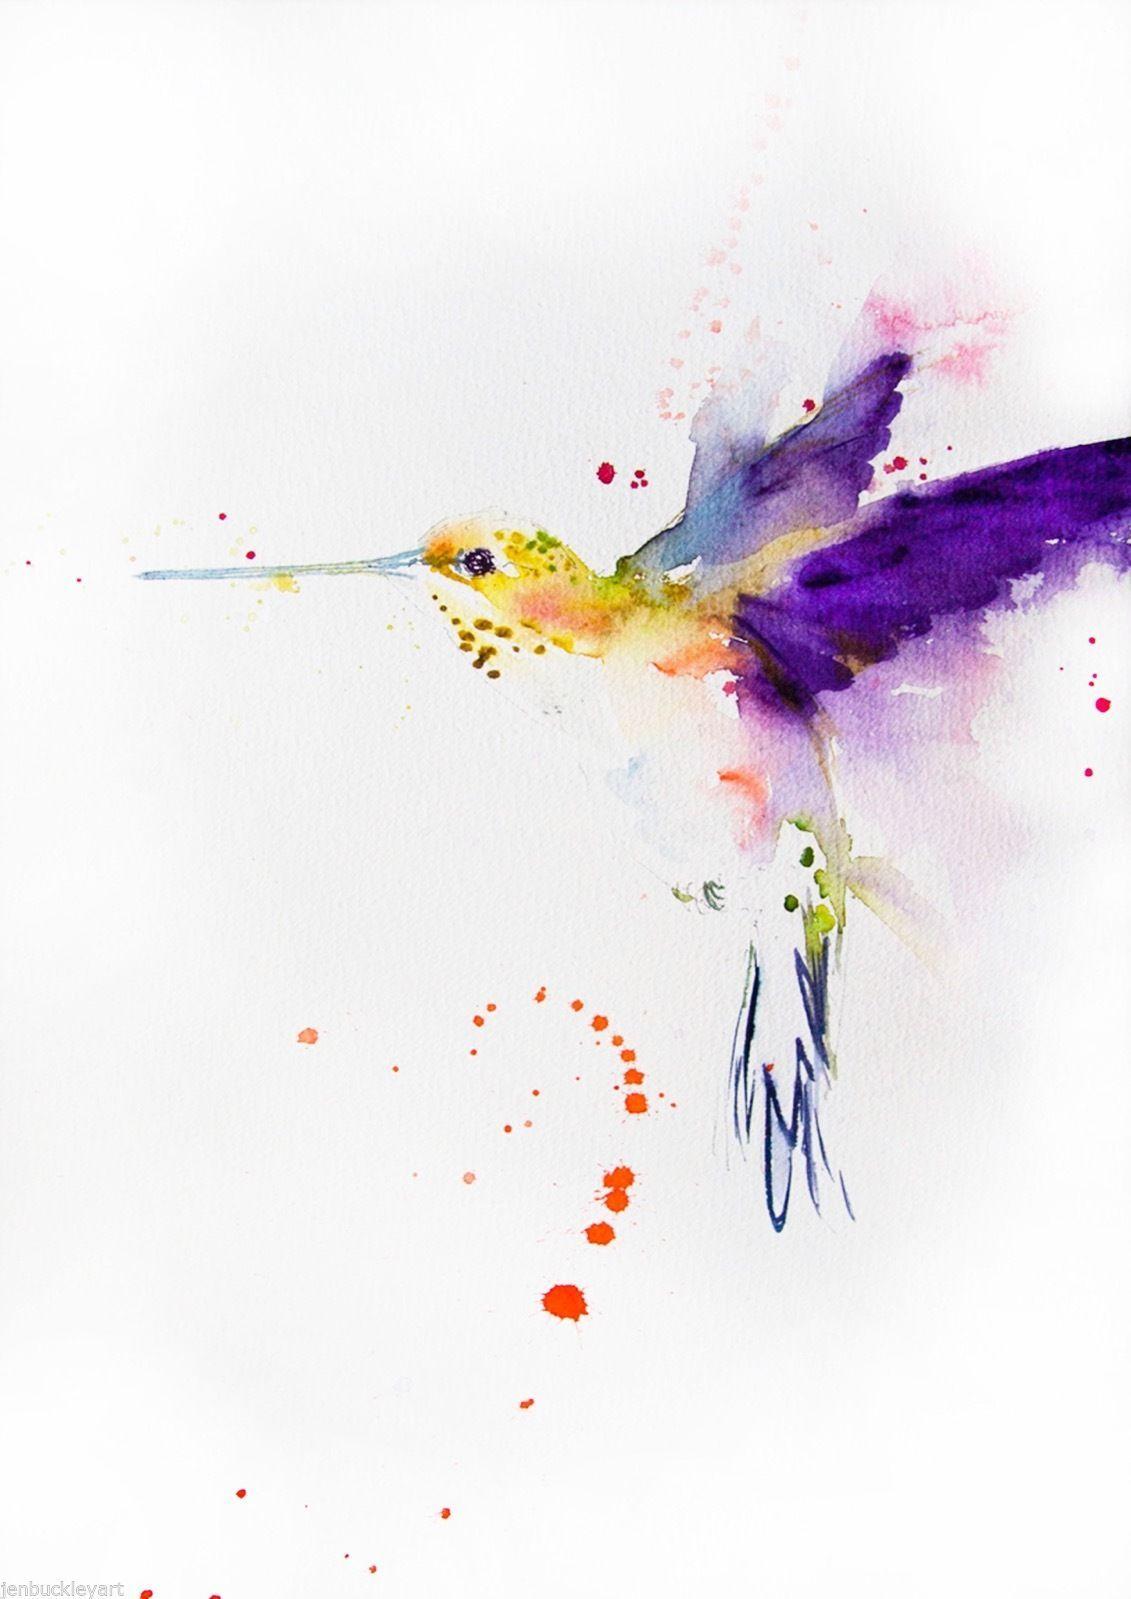 Jen Buckley Hummingbird Aquarell Kolibri Aquarelllmalerei Und